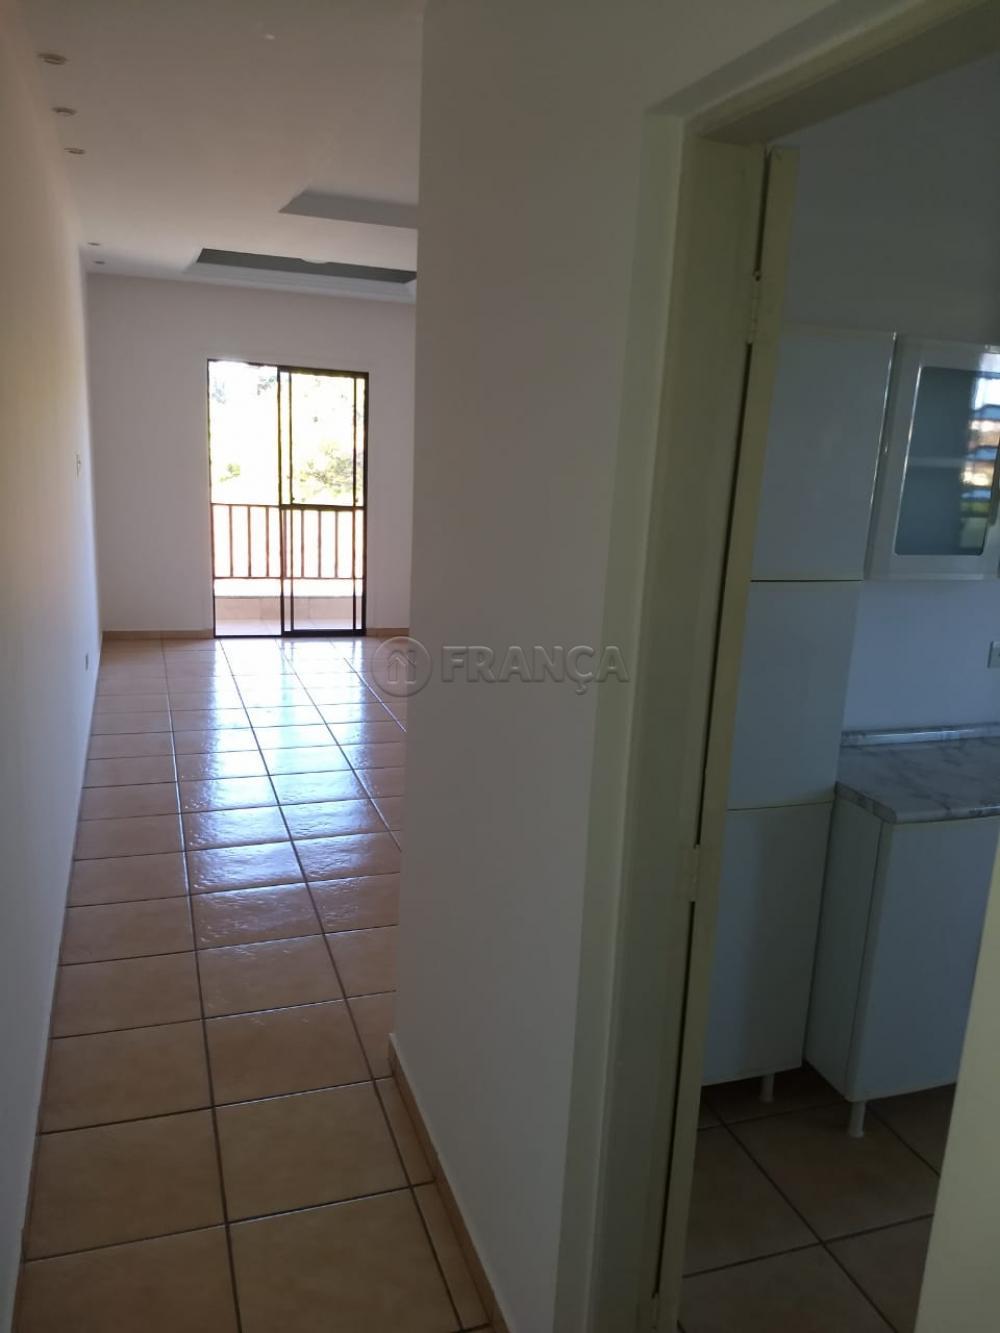 Alugar Apartamento / Padrão em Jacareí R$ 900,00 - Foto 3